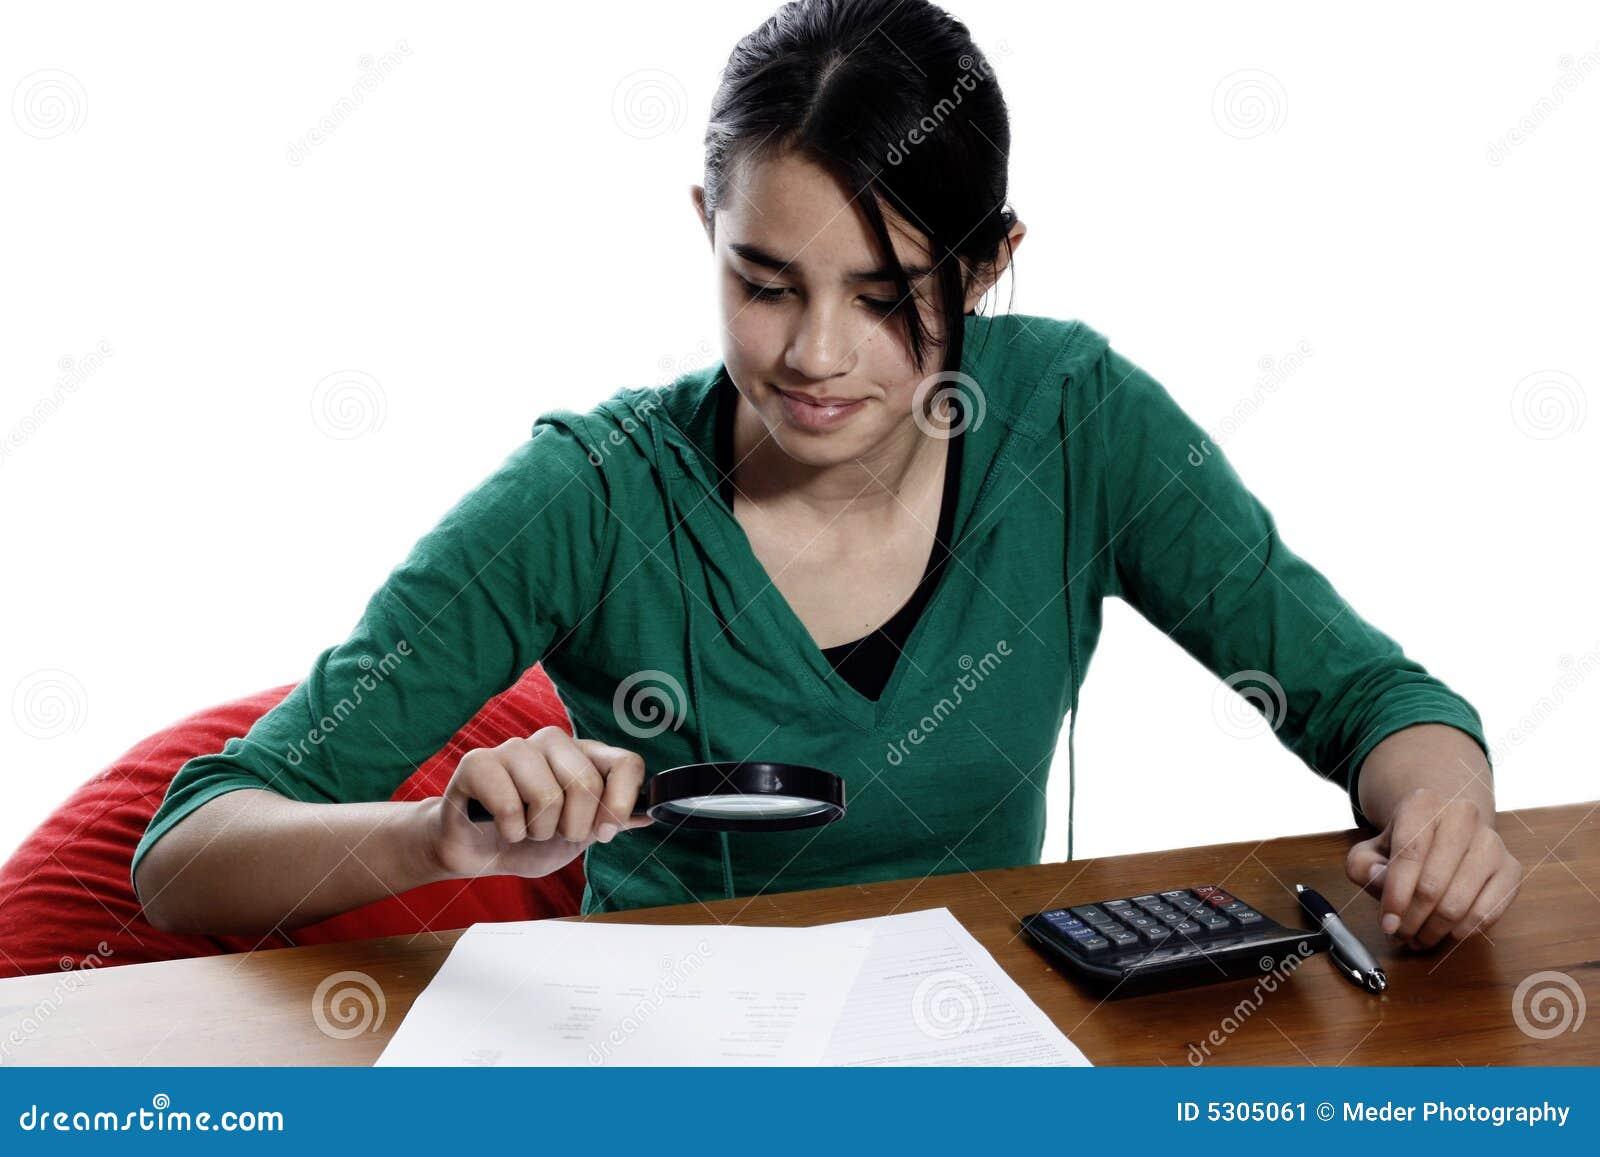 Download Dichiarazione Dei Redditi Finanziaria Immagine Stock - Immagine di isolato, impari: 5305061